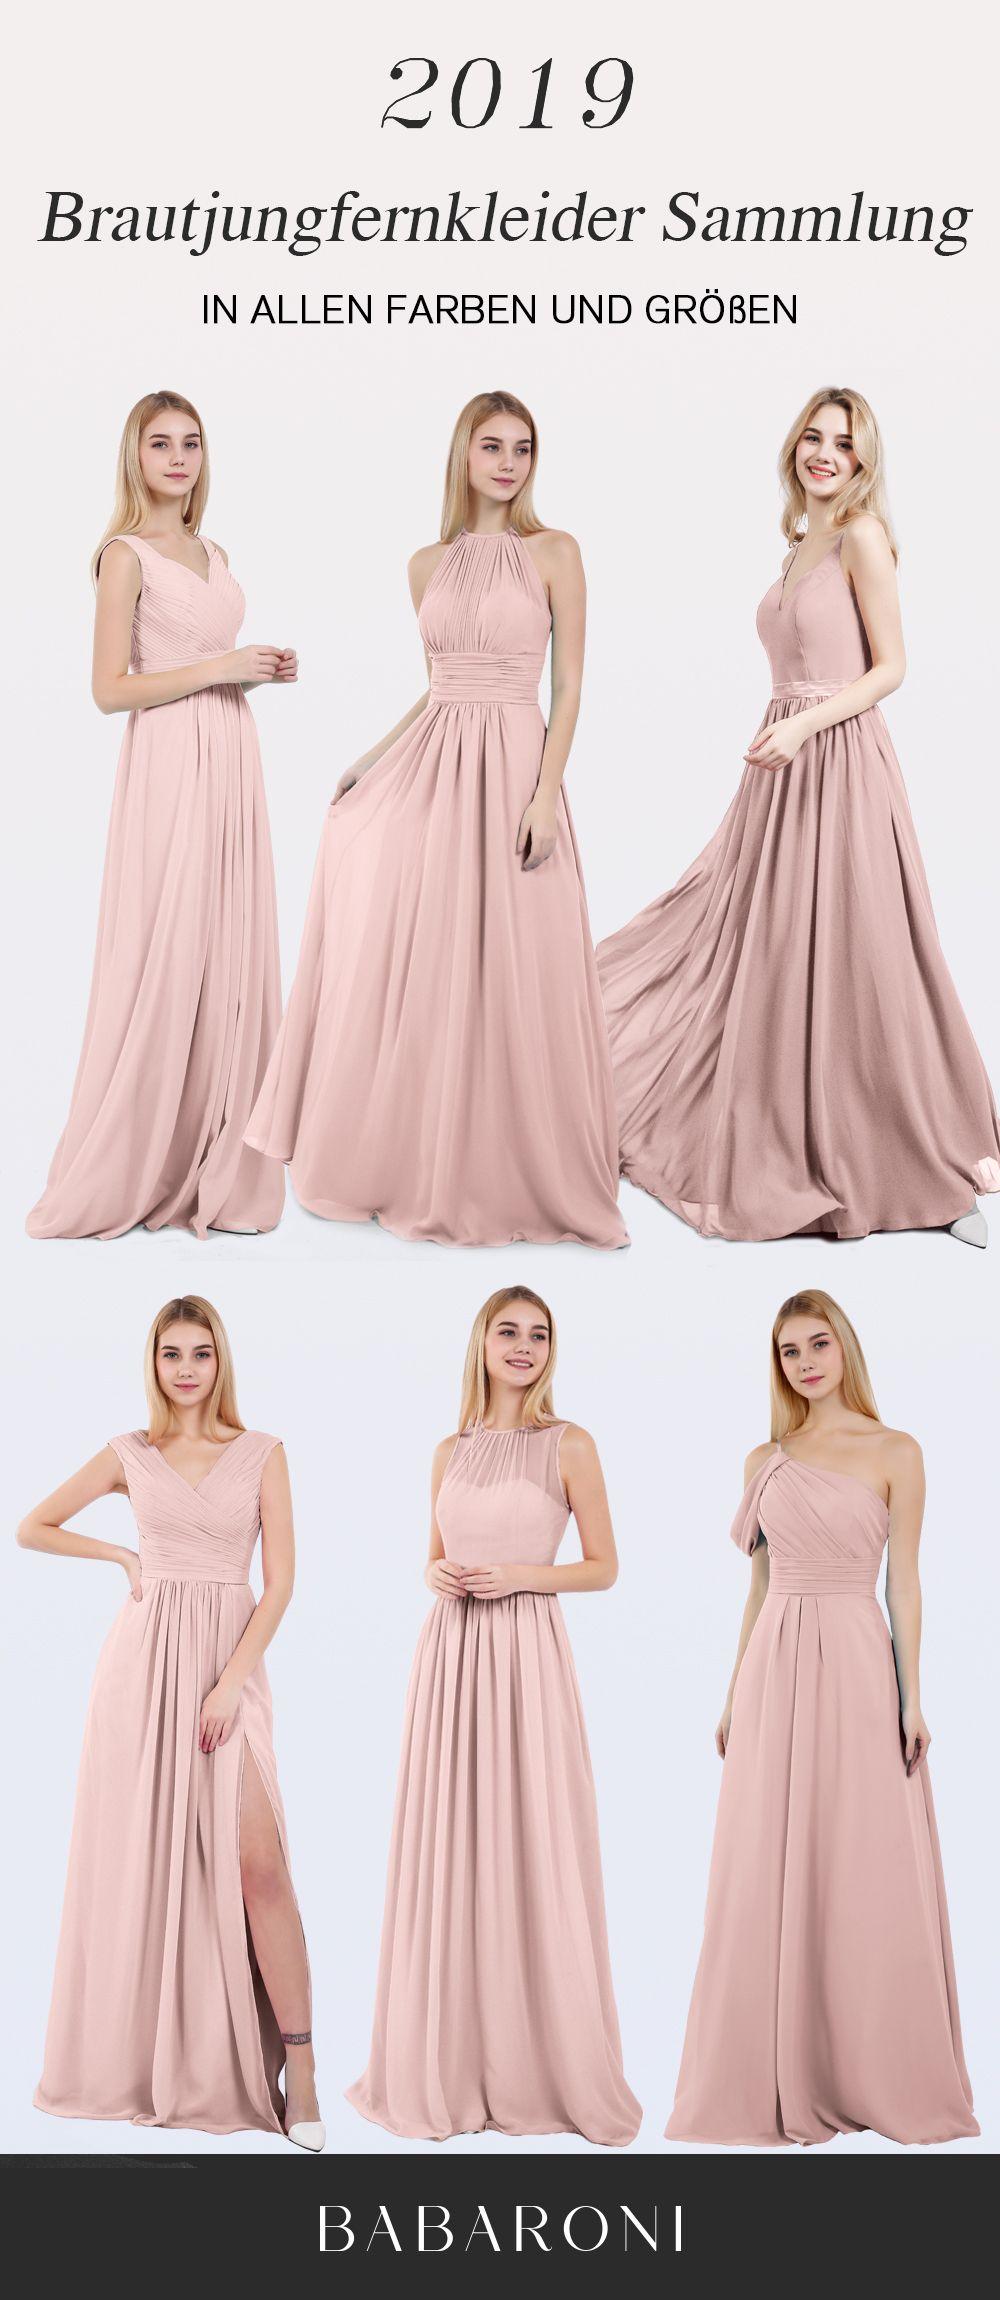 Brautjungfernkleider  Brautjungfernkleider, Trauzeugin kleid